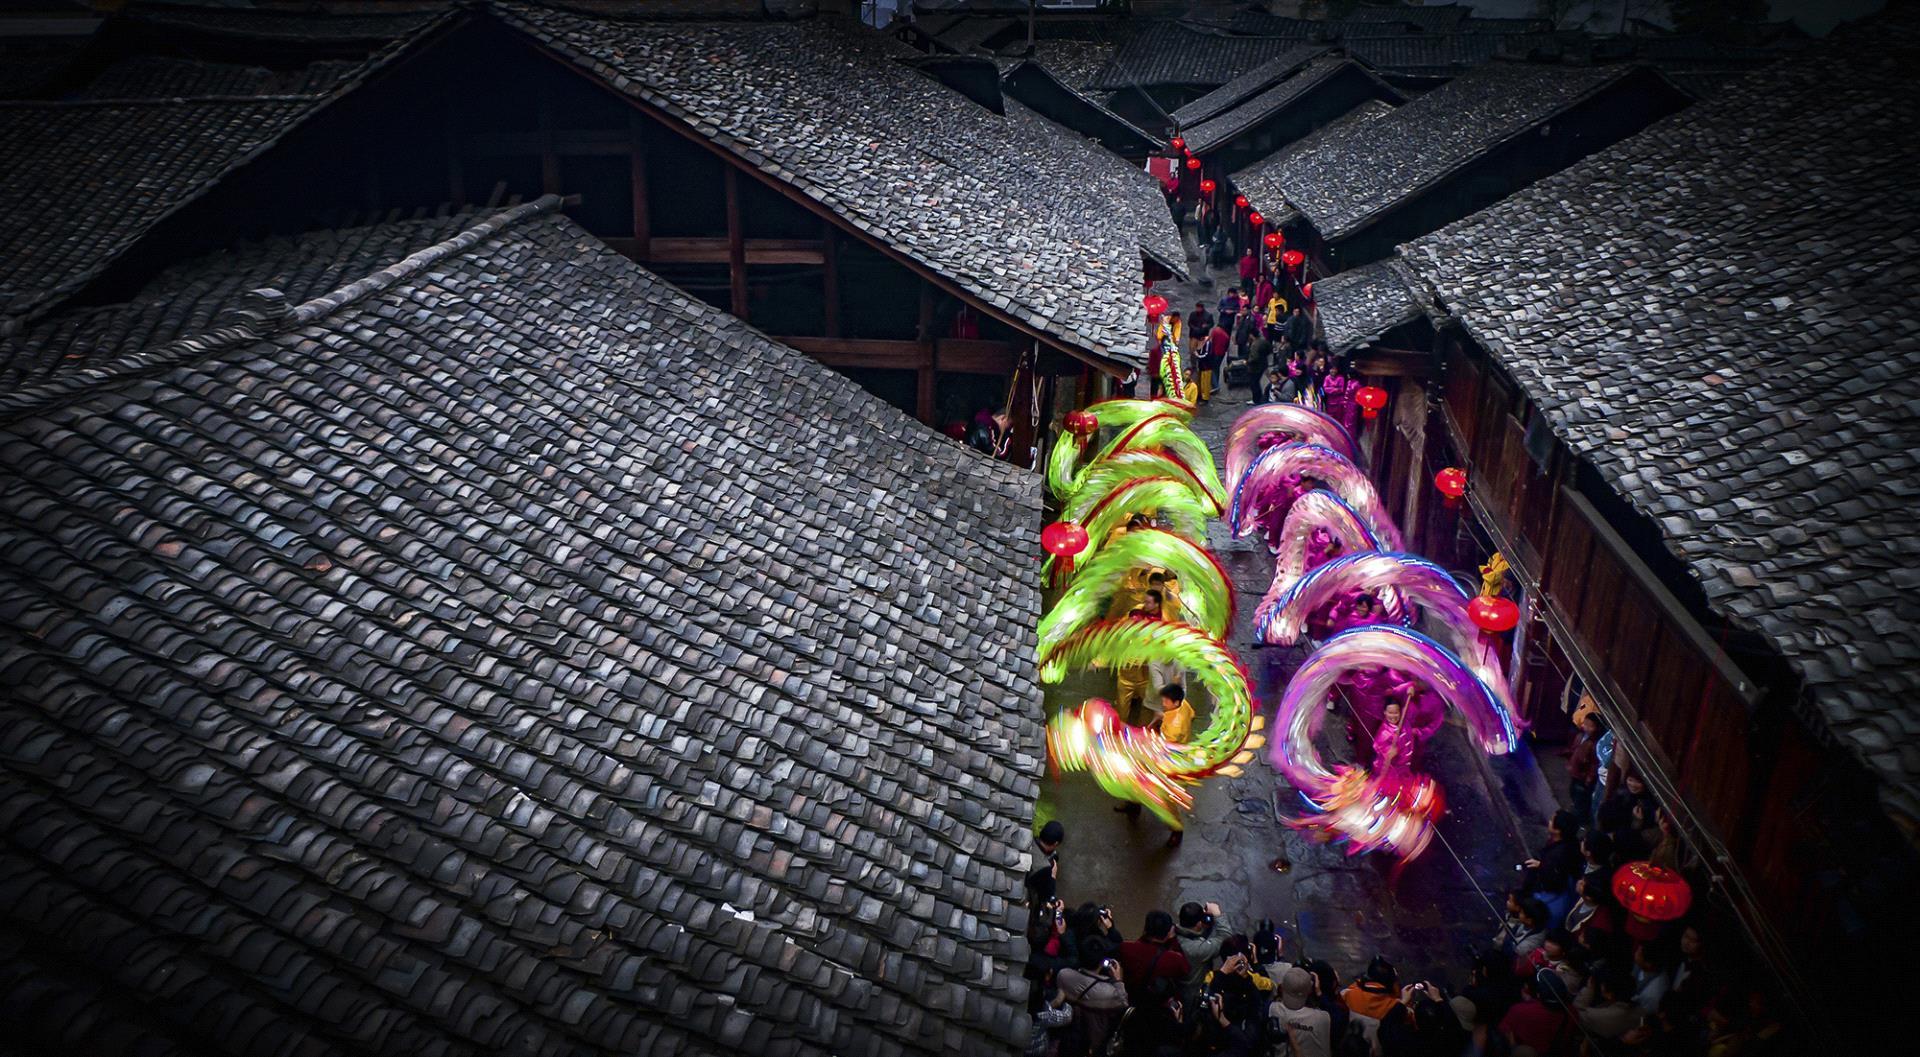 PSA HM Ribbons - Shenghua Yang (China)  Old Street In Holiday